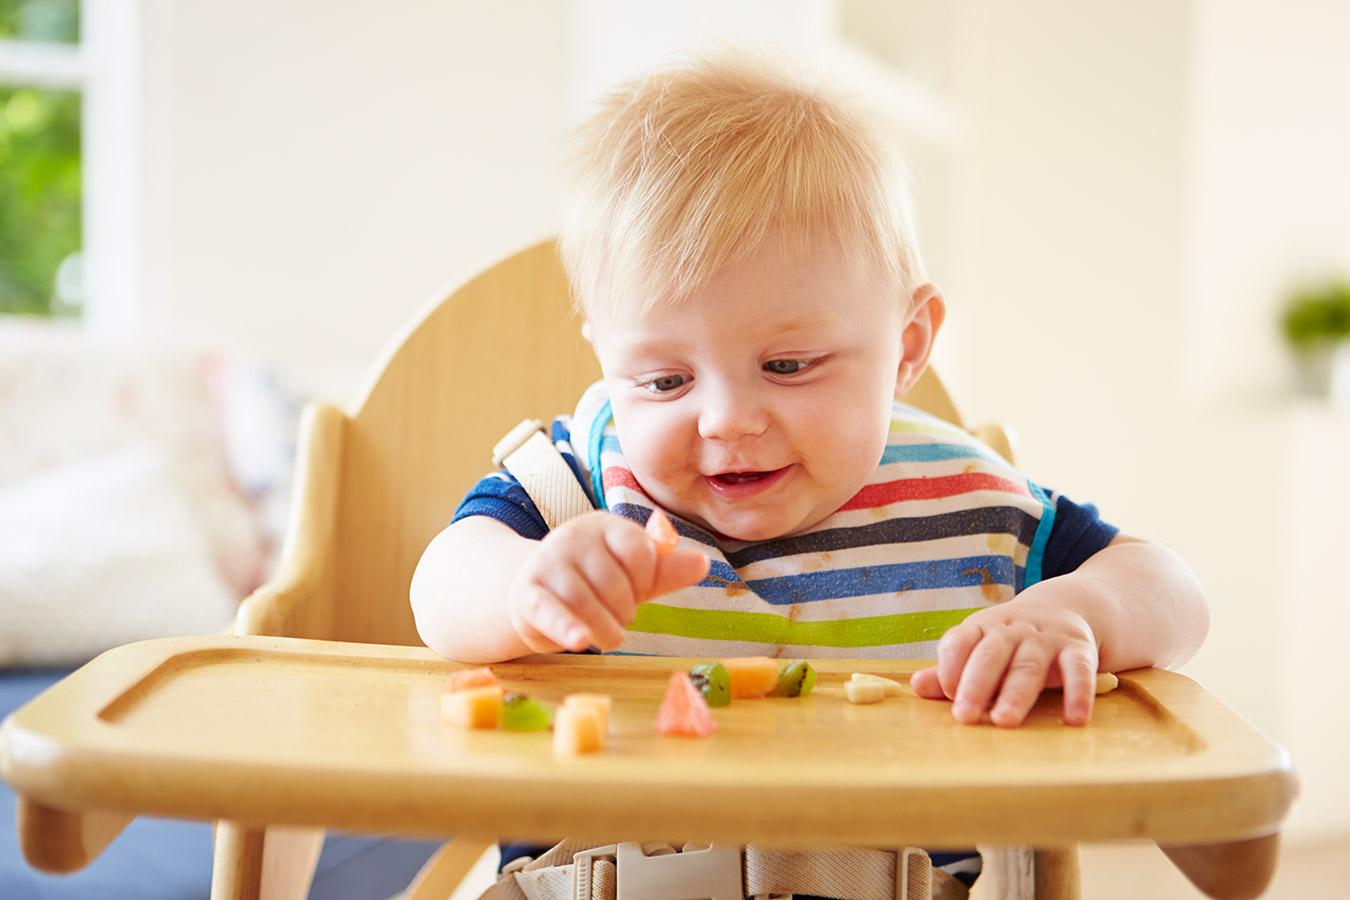 37 tygodniowe dziecko – Jak wygląda 9 miesiąc życia dziecka?